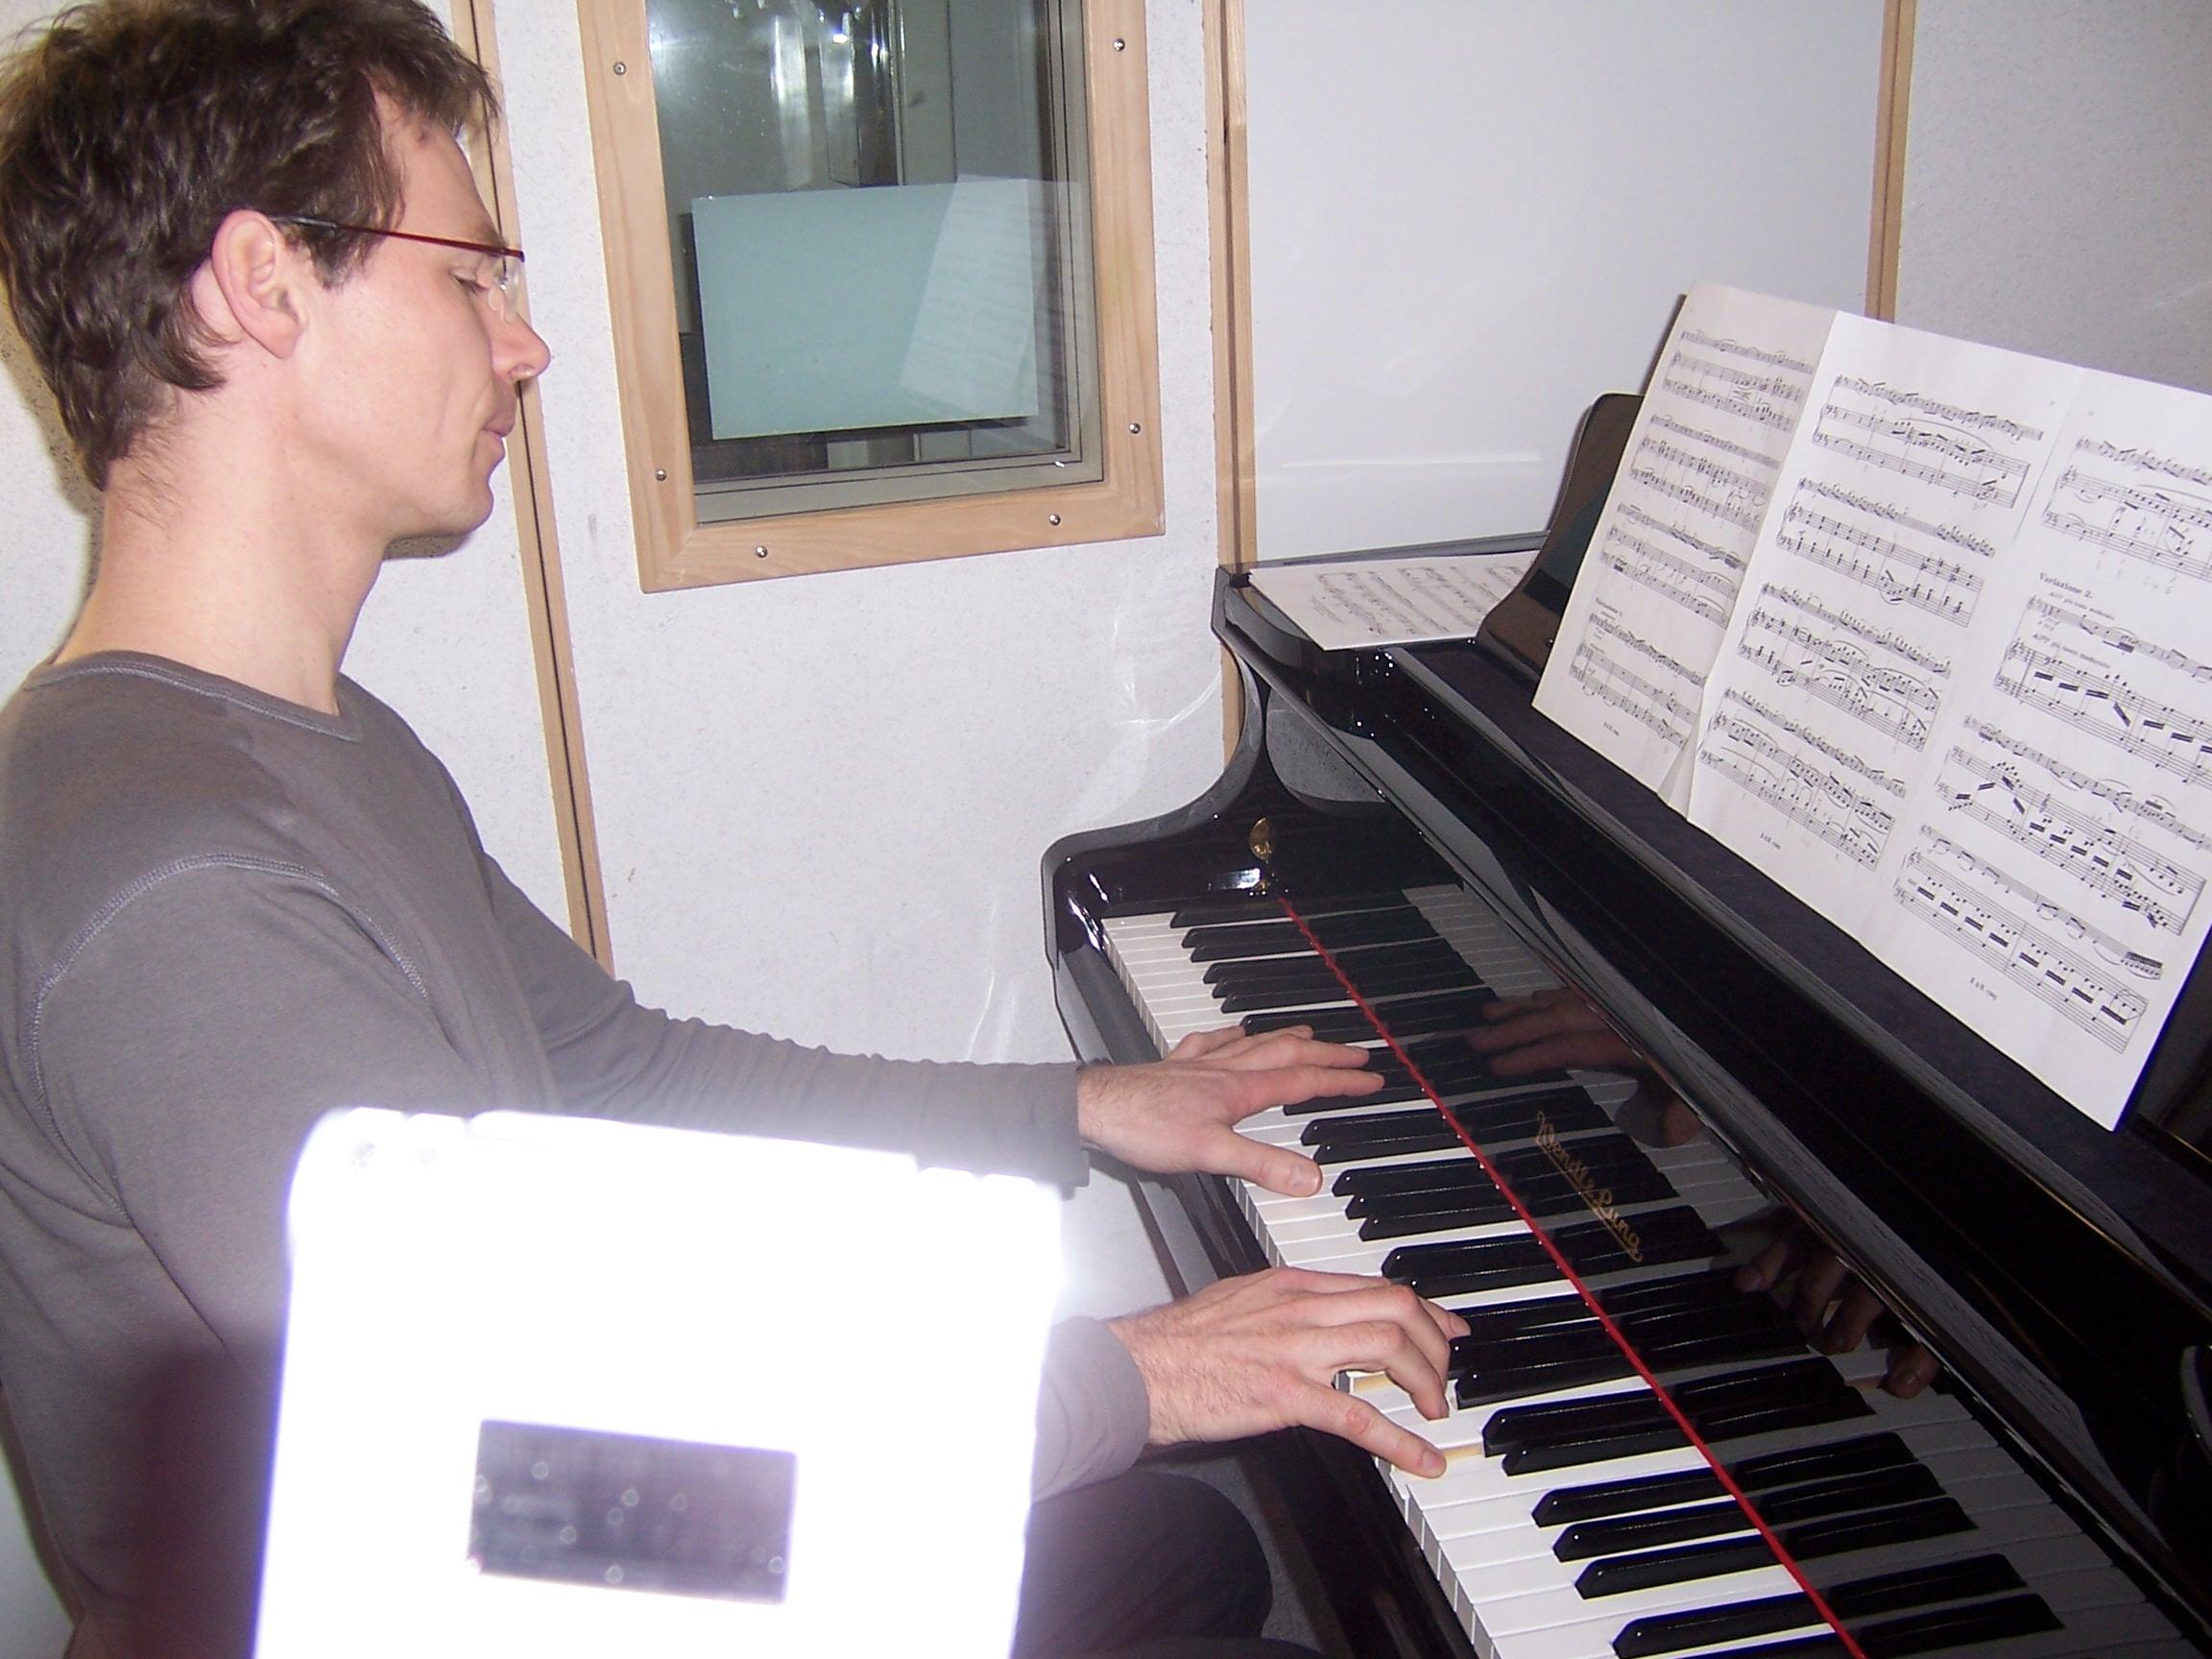 Viele Begleitungen hat unser <b>Konzertpianist Bernhard</b> - hier mit Aufnahmegerät im Vordergrund - eigens für unere ÜbeApp aufgenommen.<br><br><br>